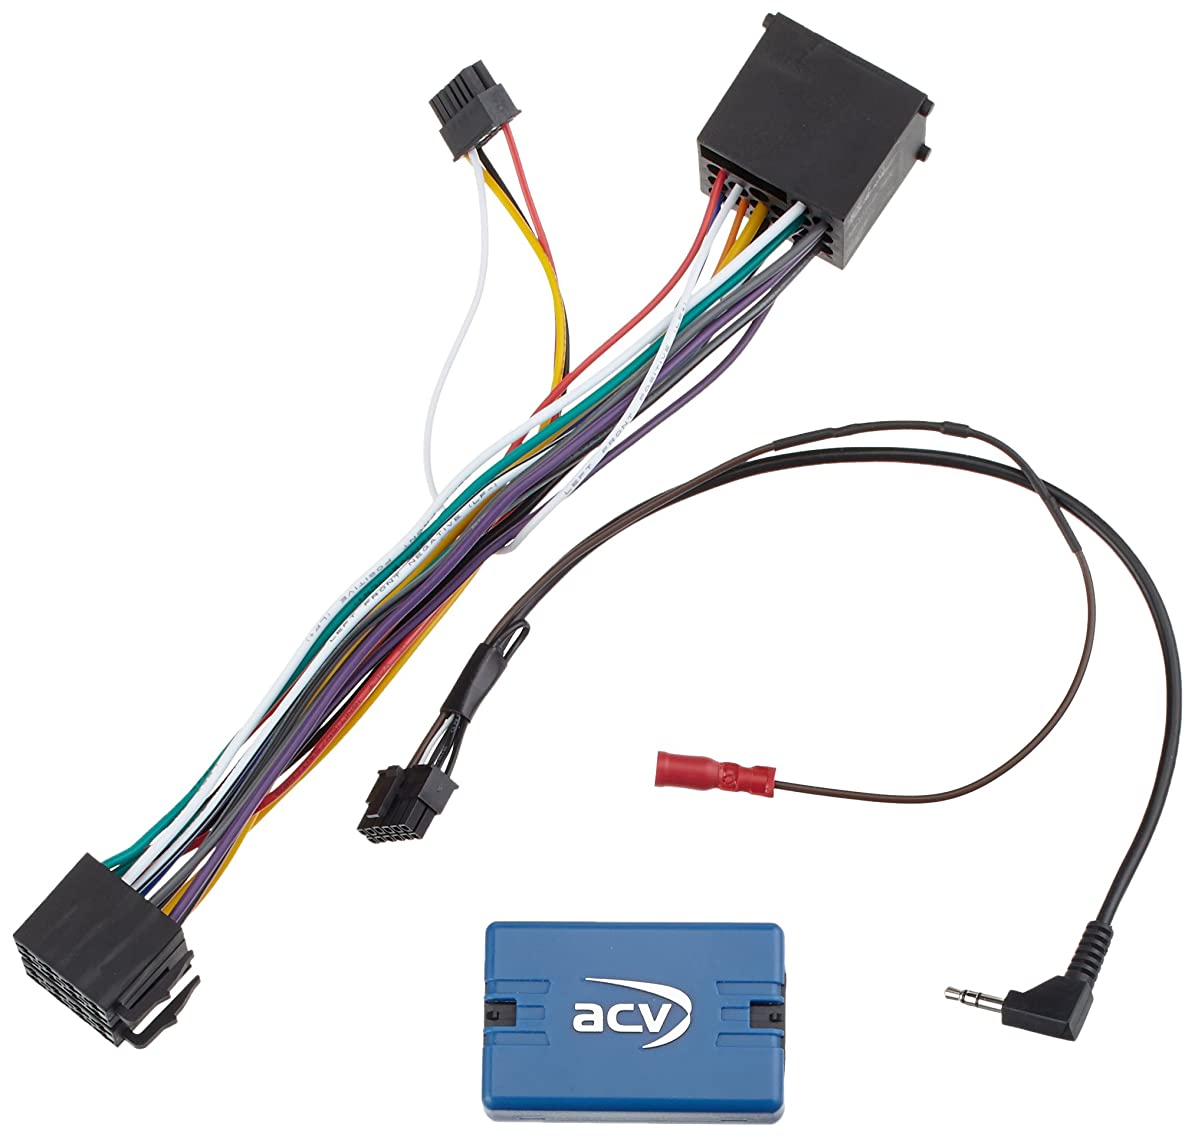 未使用悪党複雑ACV 42-903 1ステアリングホイールリモートコントロールアダプター